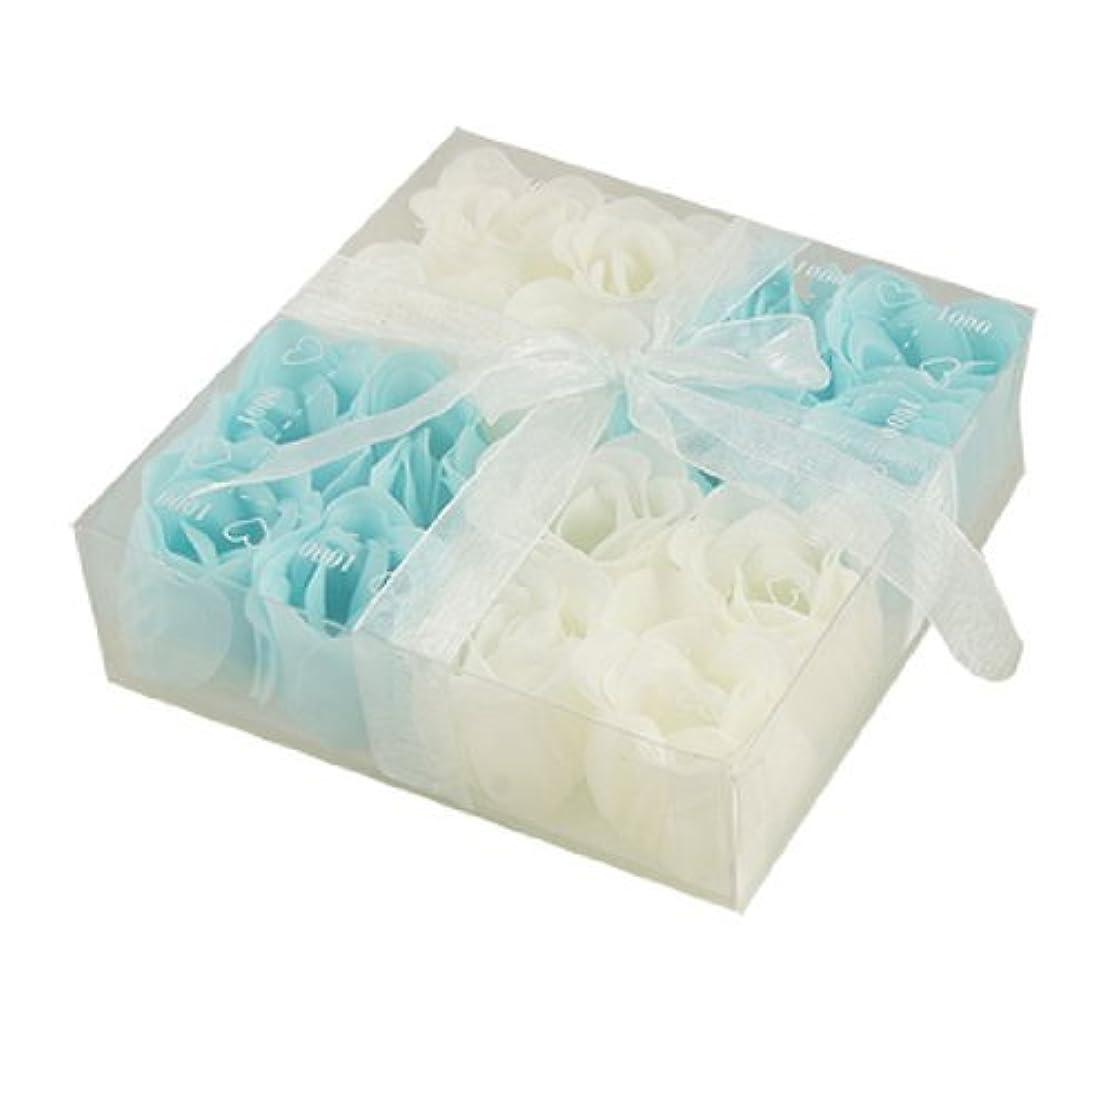 ゴネリル命令スピーチDealMuxベイビーブルーホワイト16個の香りの入浴ソープローズペタルギフト